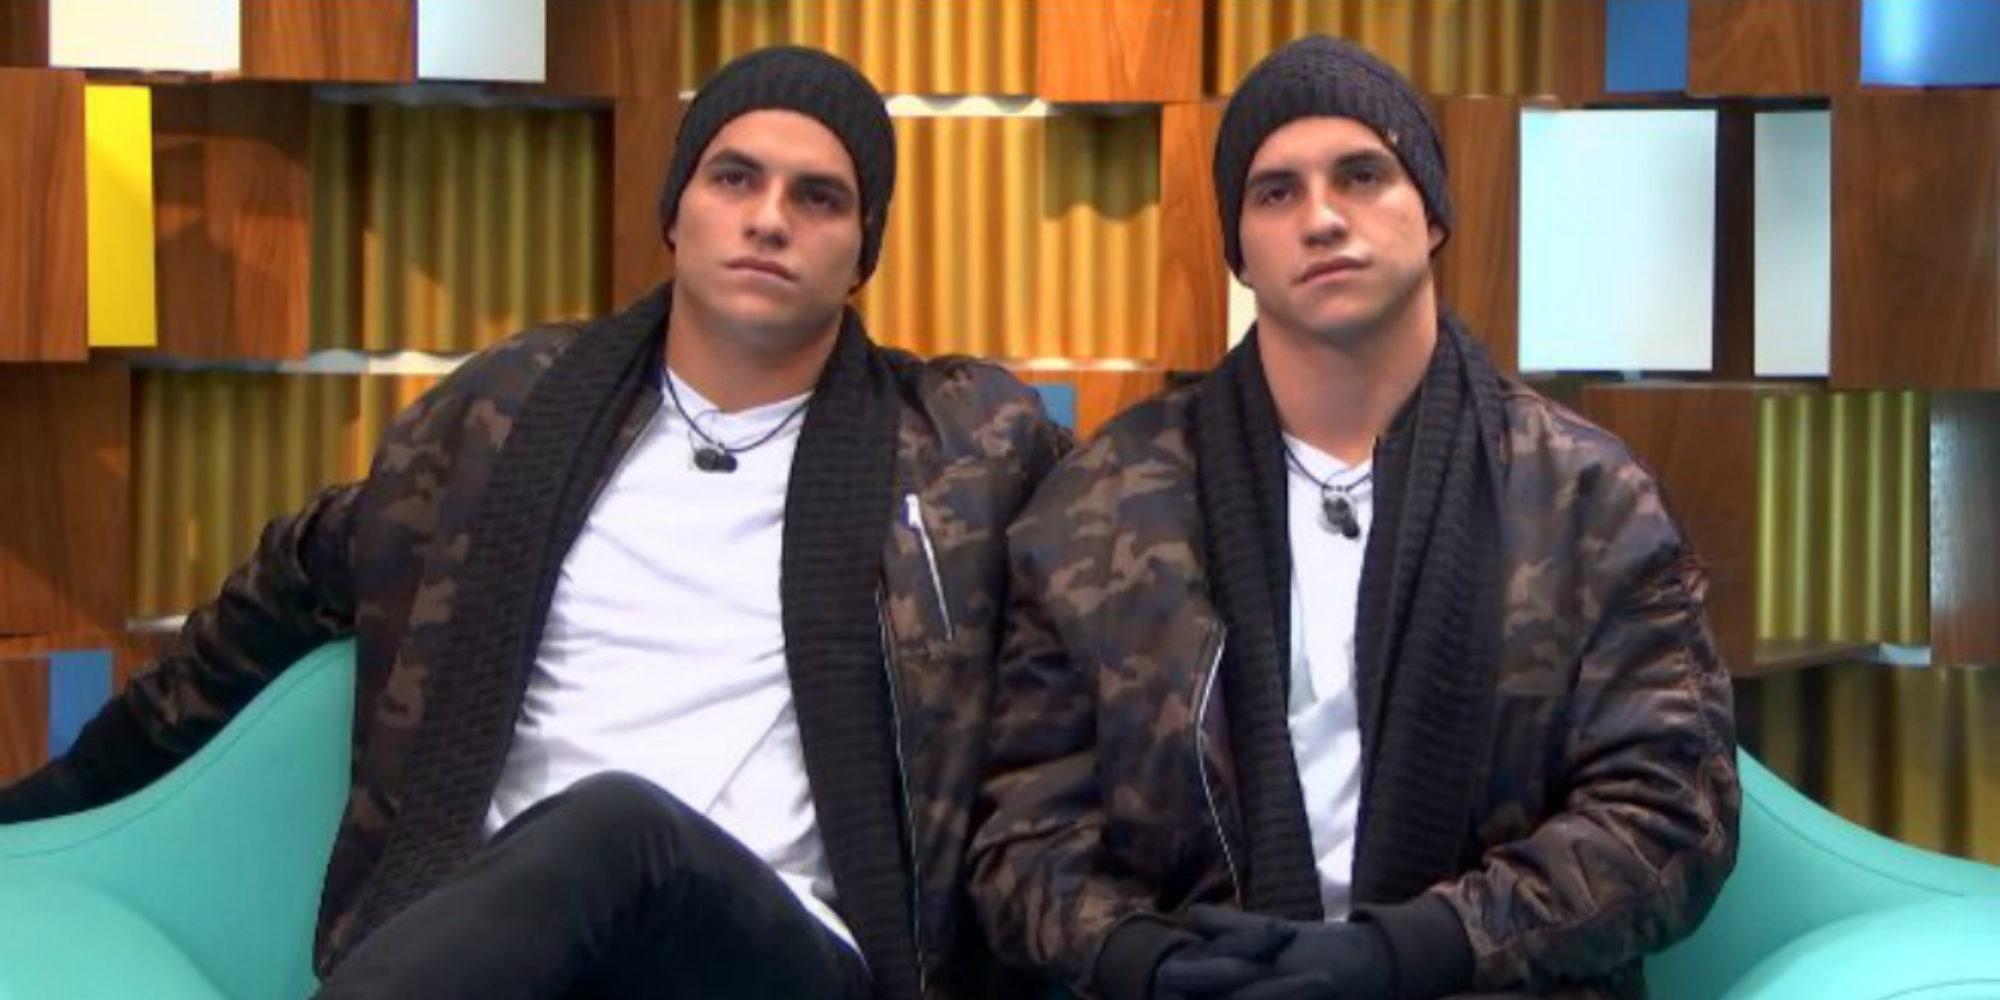 Los gemelos brasileños Antônio y Manoel llegan a 'GH VIP 5' haciéndose pasar por un solo concursante